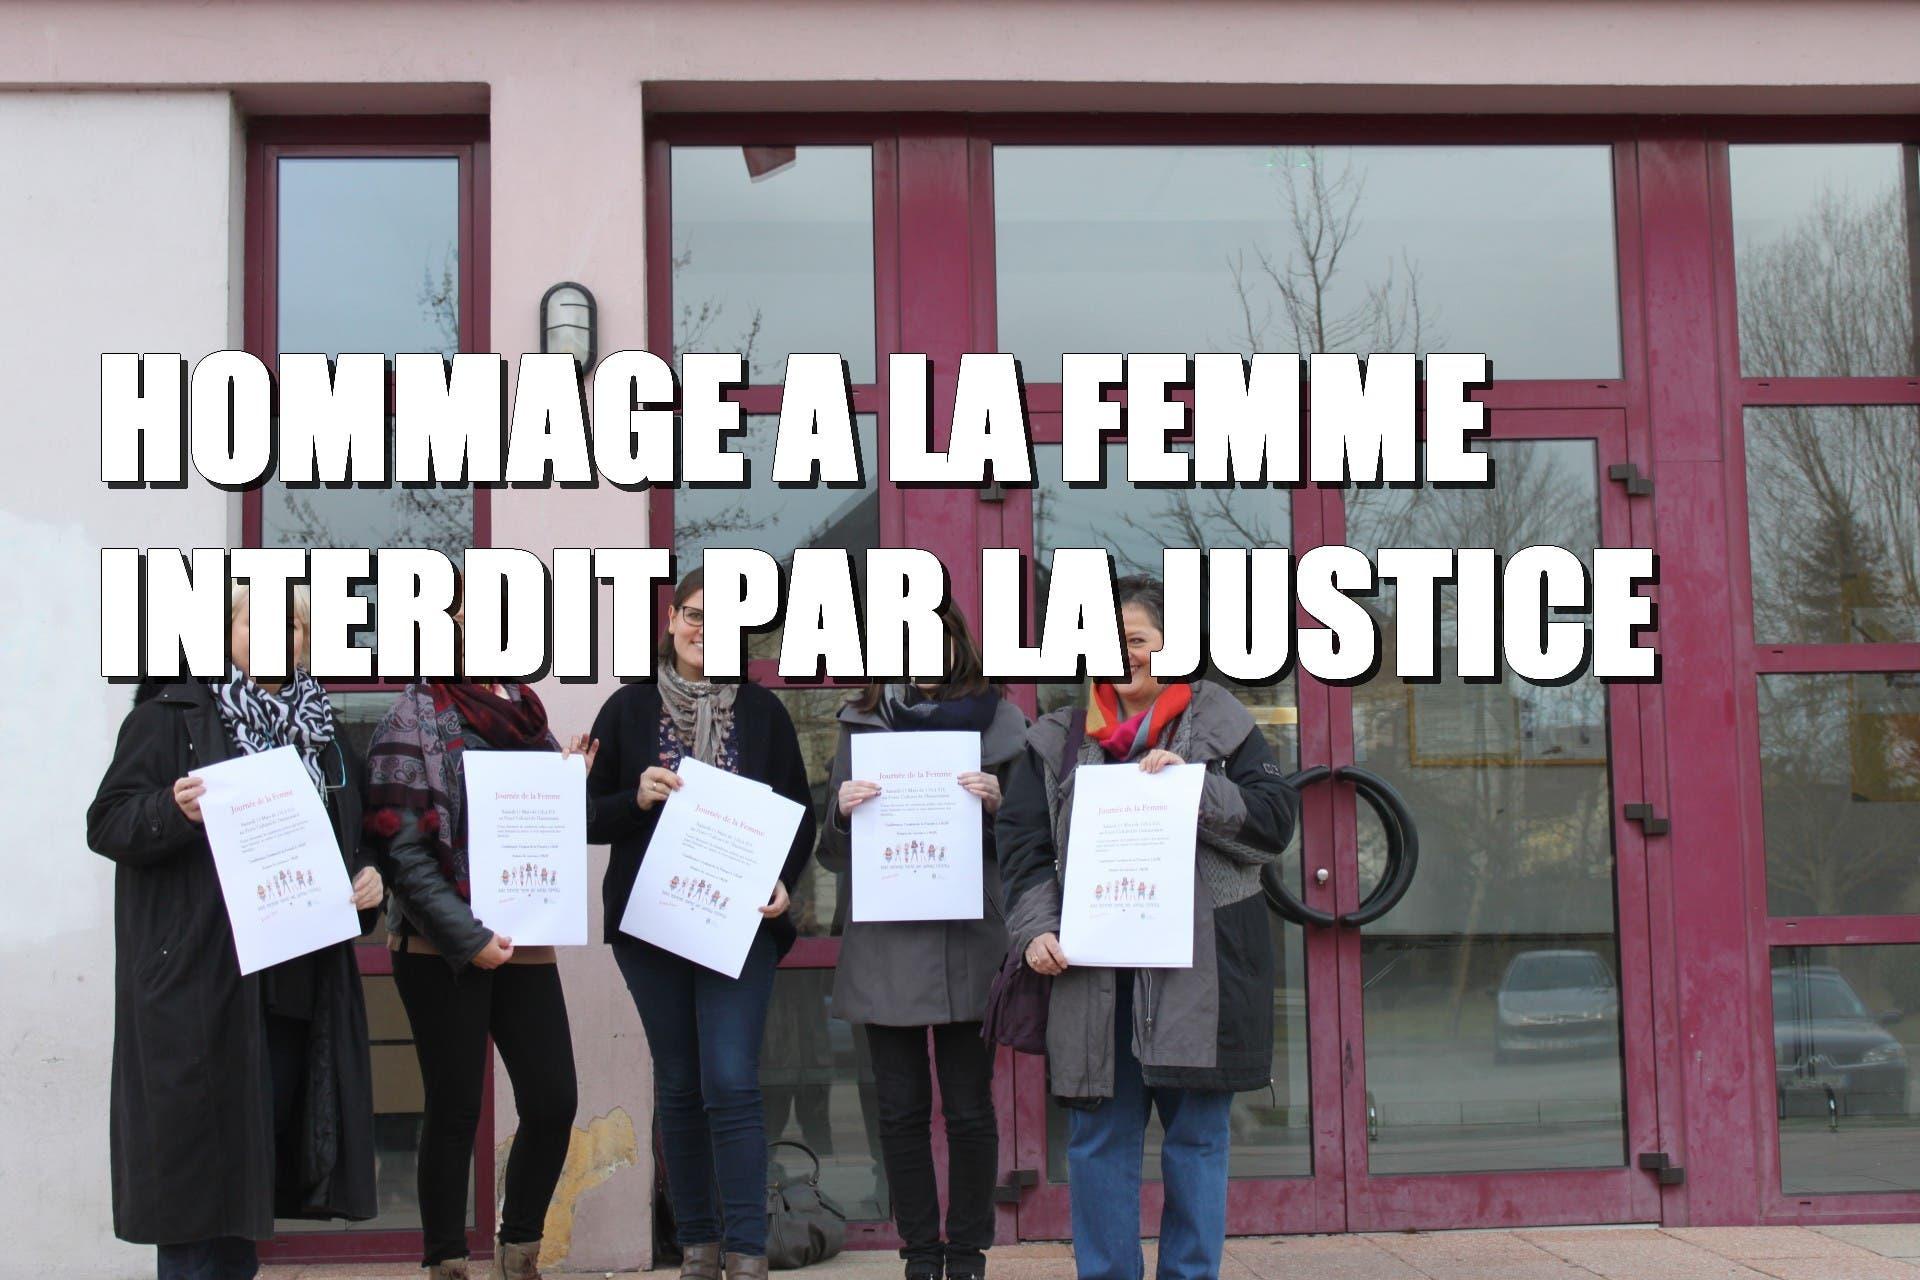 JOURNEE-DE-LA-FEMME-a-Dannemarie-le-11-mars-de-11h-a-21h30-13445-Salon-de-la-Femme-a-Dannemarie-Large